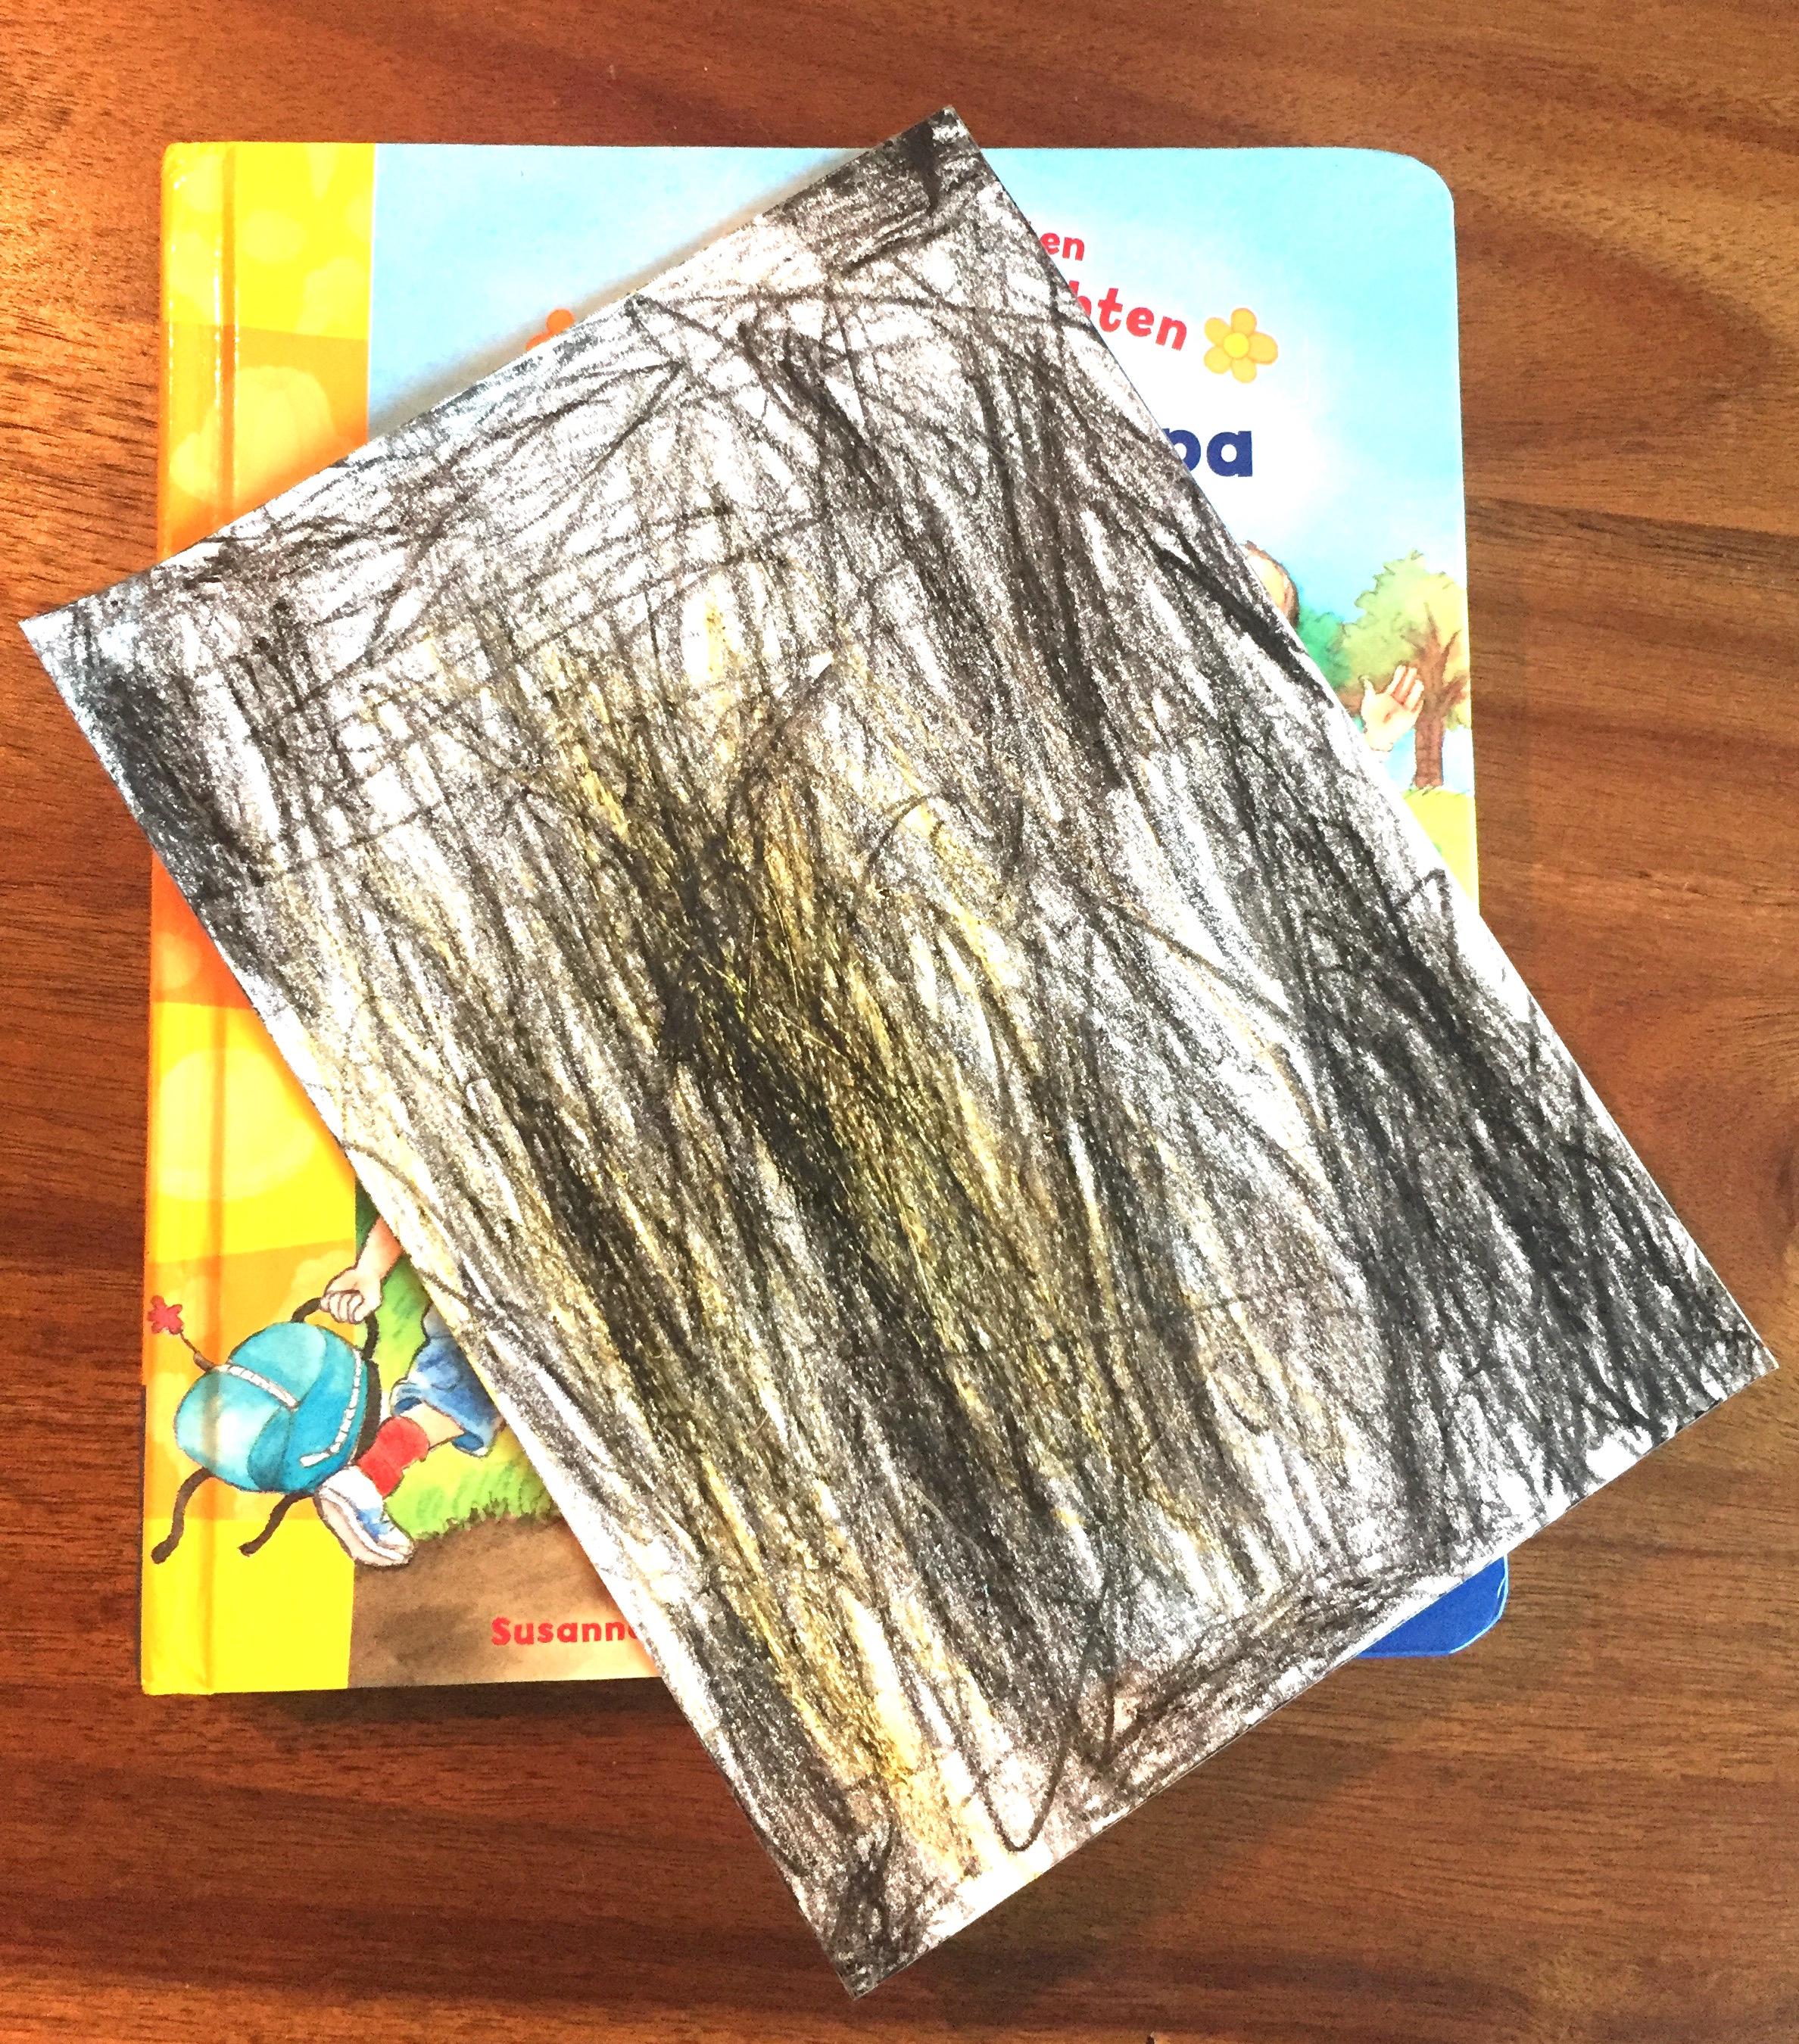 Tagebuchbloggen Was machst du eigentlich den ganzen Tag - ein Bild der Tochter